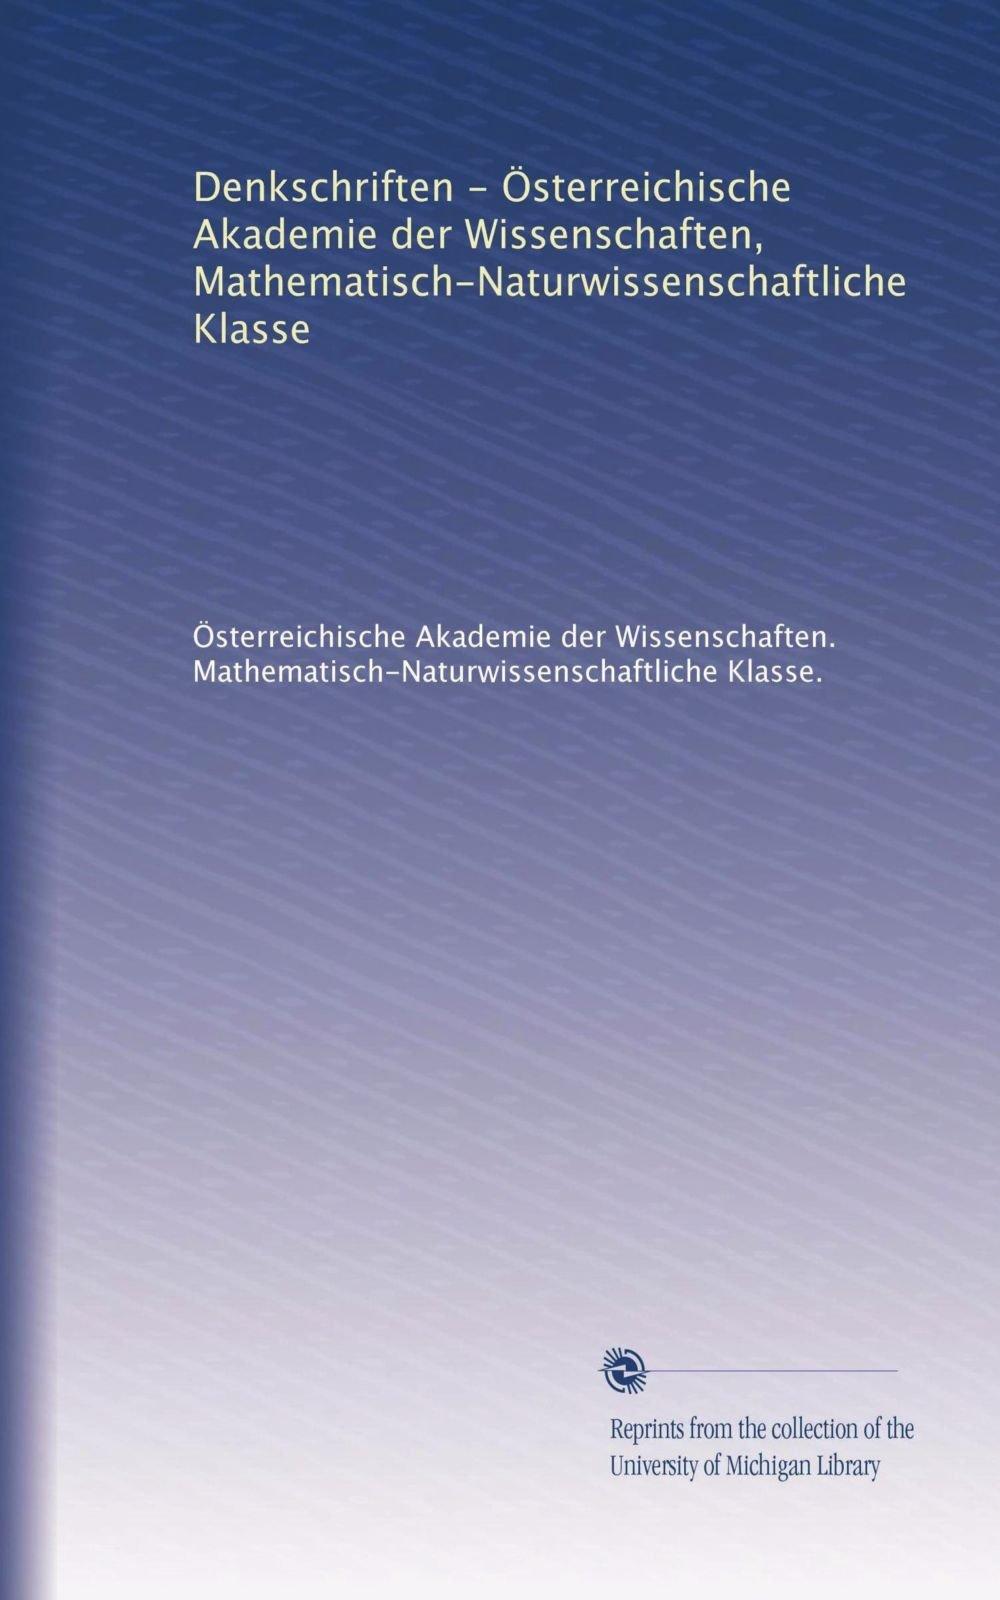 Denkschriften - Österreichische Akademie der Wissenschaften, Mathematisch-Naturwissenschaftliche Klasse (Volume 20) (German Edition) PDF